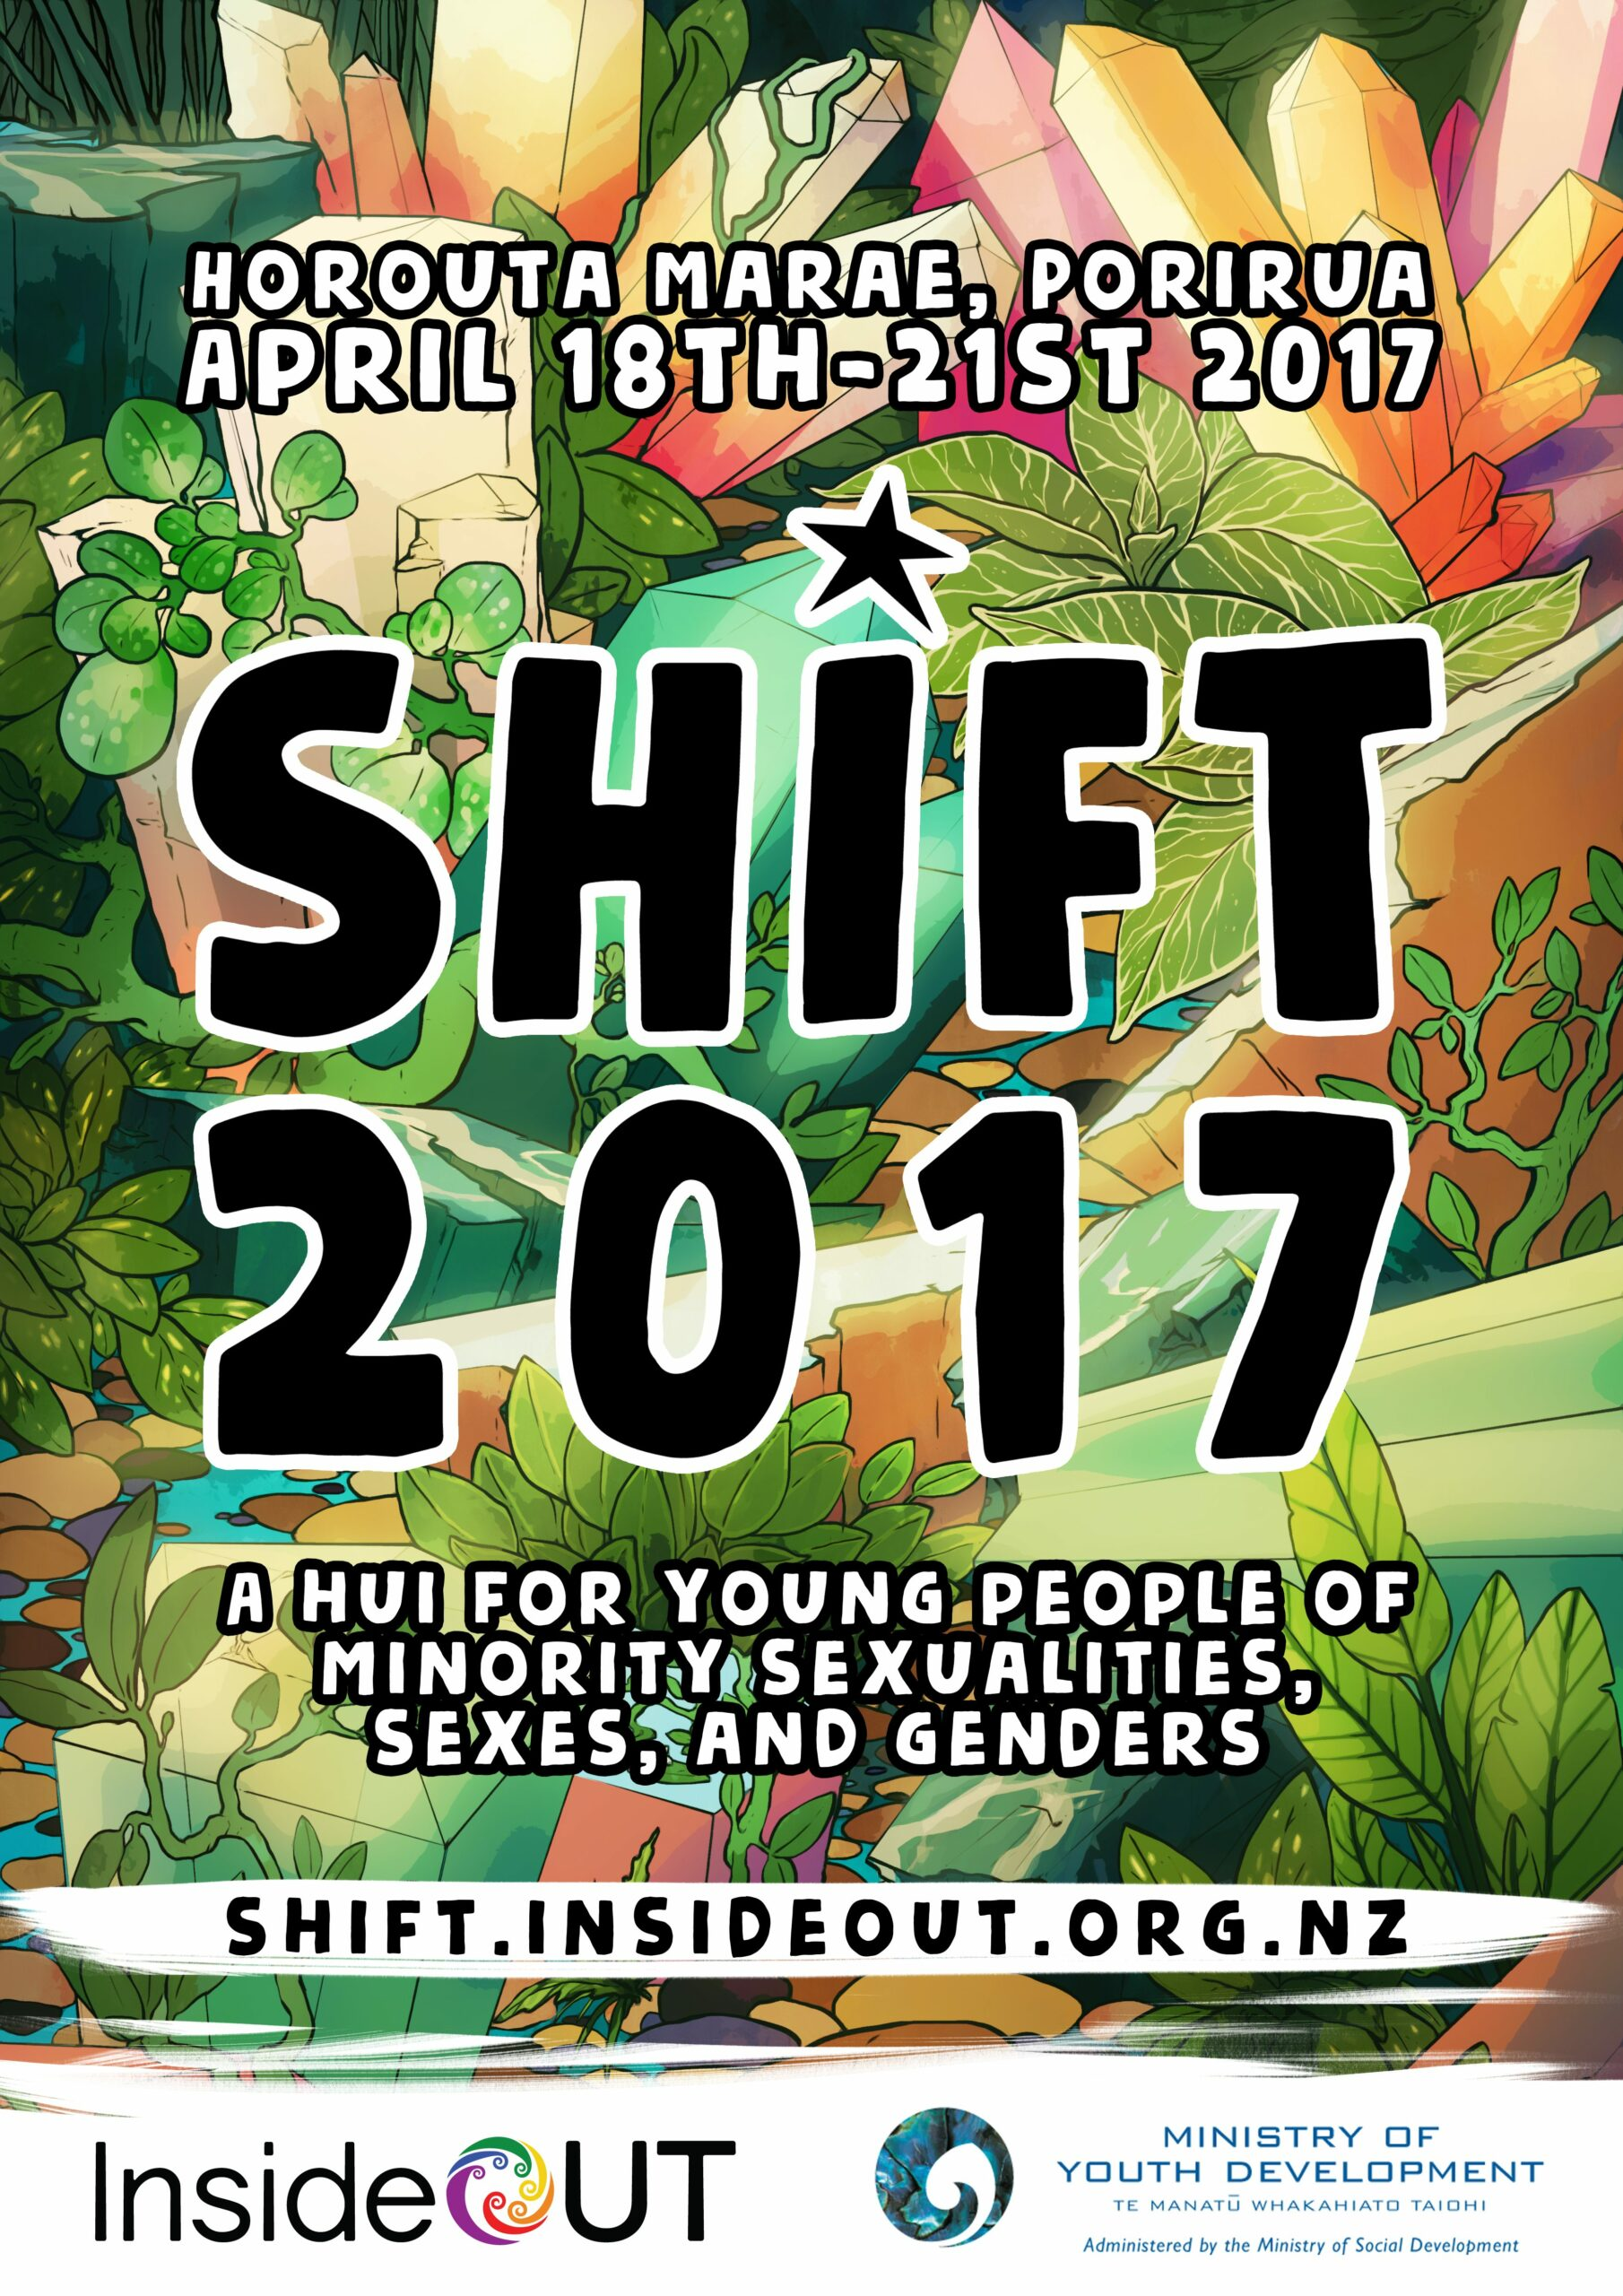 gay-express-insideout-shift-hui-2017